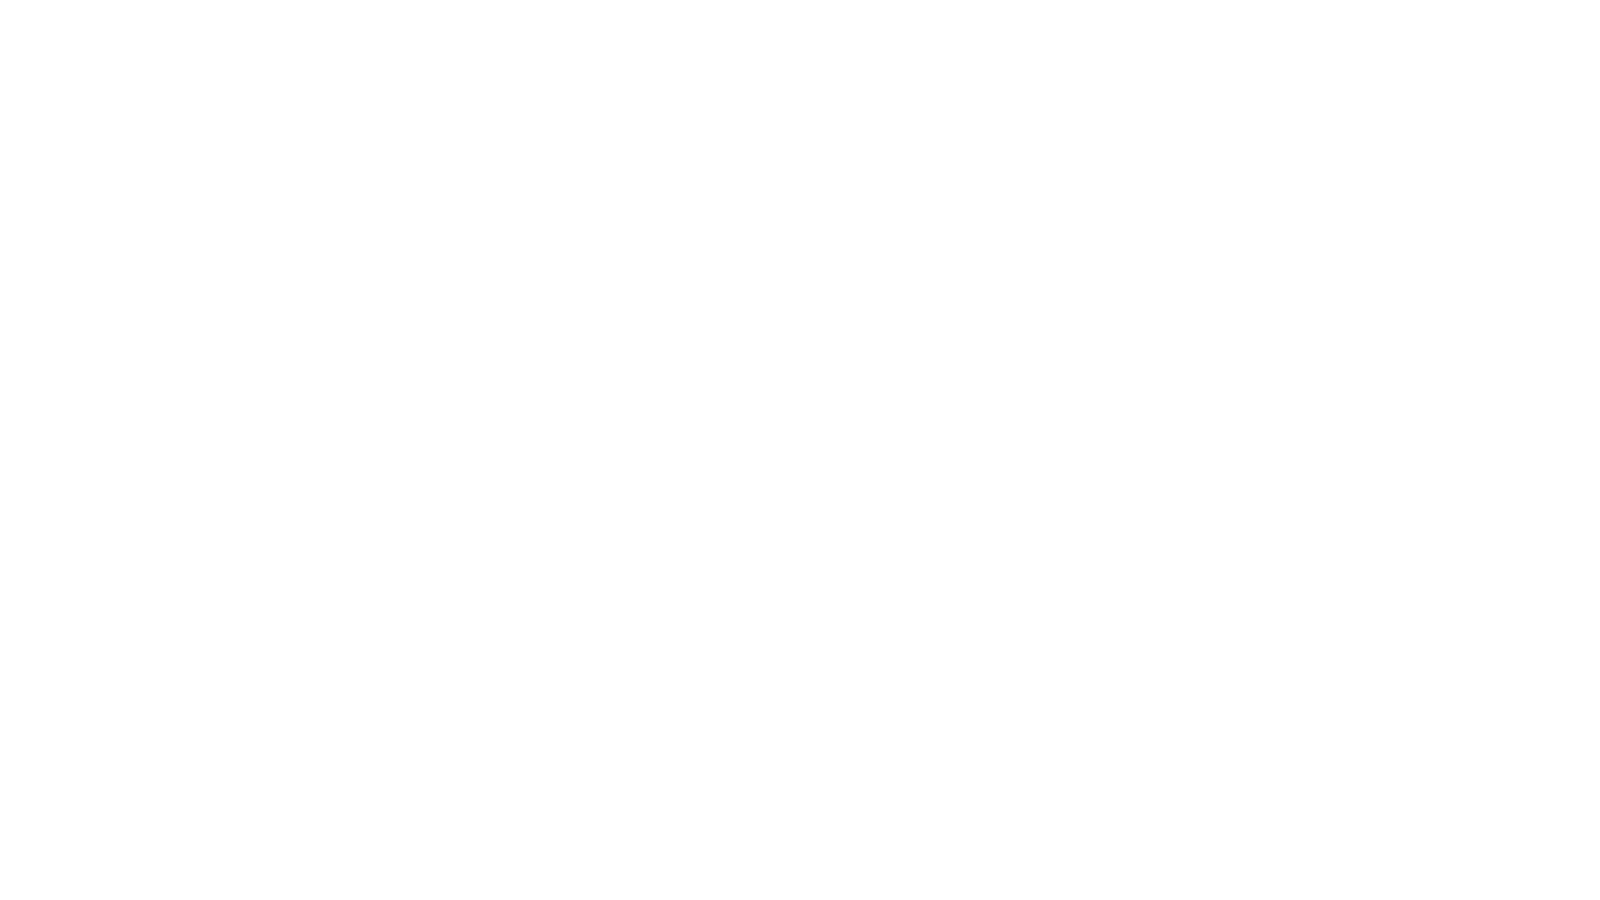 """La mostra digitale e il video """"L'immaginazione e l'opera. La trasmissione dei saperi nella cultura visuale"""" sono realizzati nell'ambito della seconda edizione di """"Pedagogie dell'essenziale. Maestre e maestri d'Italia: Le storie, i progetti ed i sogni"""", rassegna organizzata dall'Università degli studi di Messina e coordinata dalla prof.ssa Caterina Sindoni. L'esposizione virtuale, prodotta in collaborazione con la pagina facebook CostruireStorie. Una piazza per la public history e la casa editrice Edizioni Il Grano, sviluppa e rielabora – sulle linee della lunga durata storica – i percorsi molteplici e variegati della trasmissione delle conoscenze, del saper fare, delle capacità di suggestionare e favorire le forme più vive e aperte dell'immaginazione, travalicando i contesti classici dell'insegnamento scolastico, e proiettandosi sul vissuto quotidiano, oltre le aule e gli splendidi palazzi, negli empori, per i mercati, gli studi, i laboratori. Un'idea di insegnamento recepito e rappresentato come arte, non solo come scienza: costruito sulla comparazione delle esperienze, sull'ibridazione dei comportamenti, sulle possibilità sviluppate nel tempo di intrecciare culture diverse, paradigmi, manualità, maniere di vita e di formazione esperite da maestre e maestri sui luoghi del lavoro, in giro per il pianeta, nelle forme dello scambio, degli incroci di civiltà, delle sensazioni e dei sentimenti attraverso cui è passata, e ancora dura, la passione tutta umana del sapere e del trasmettere conoscenza."""